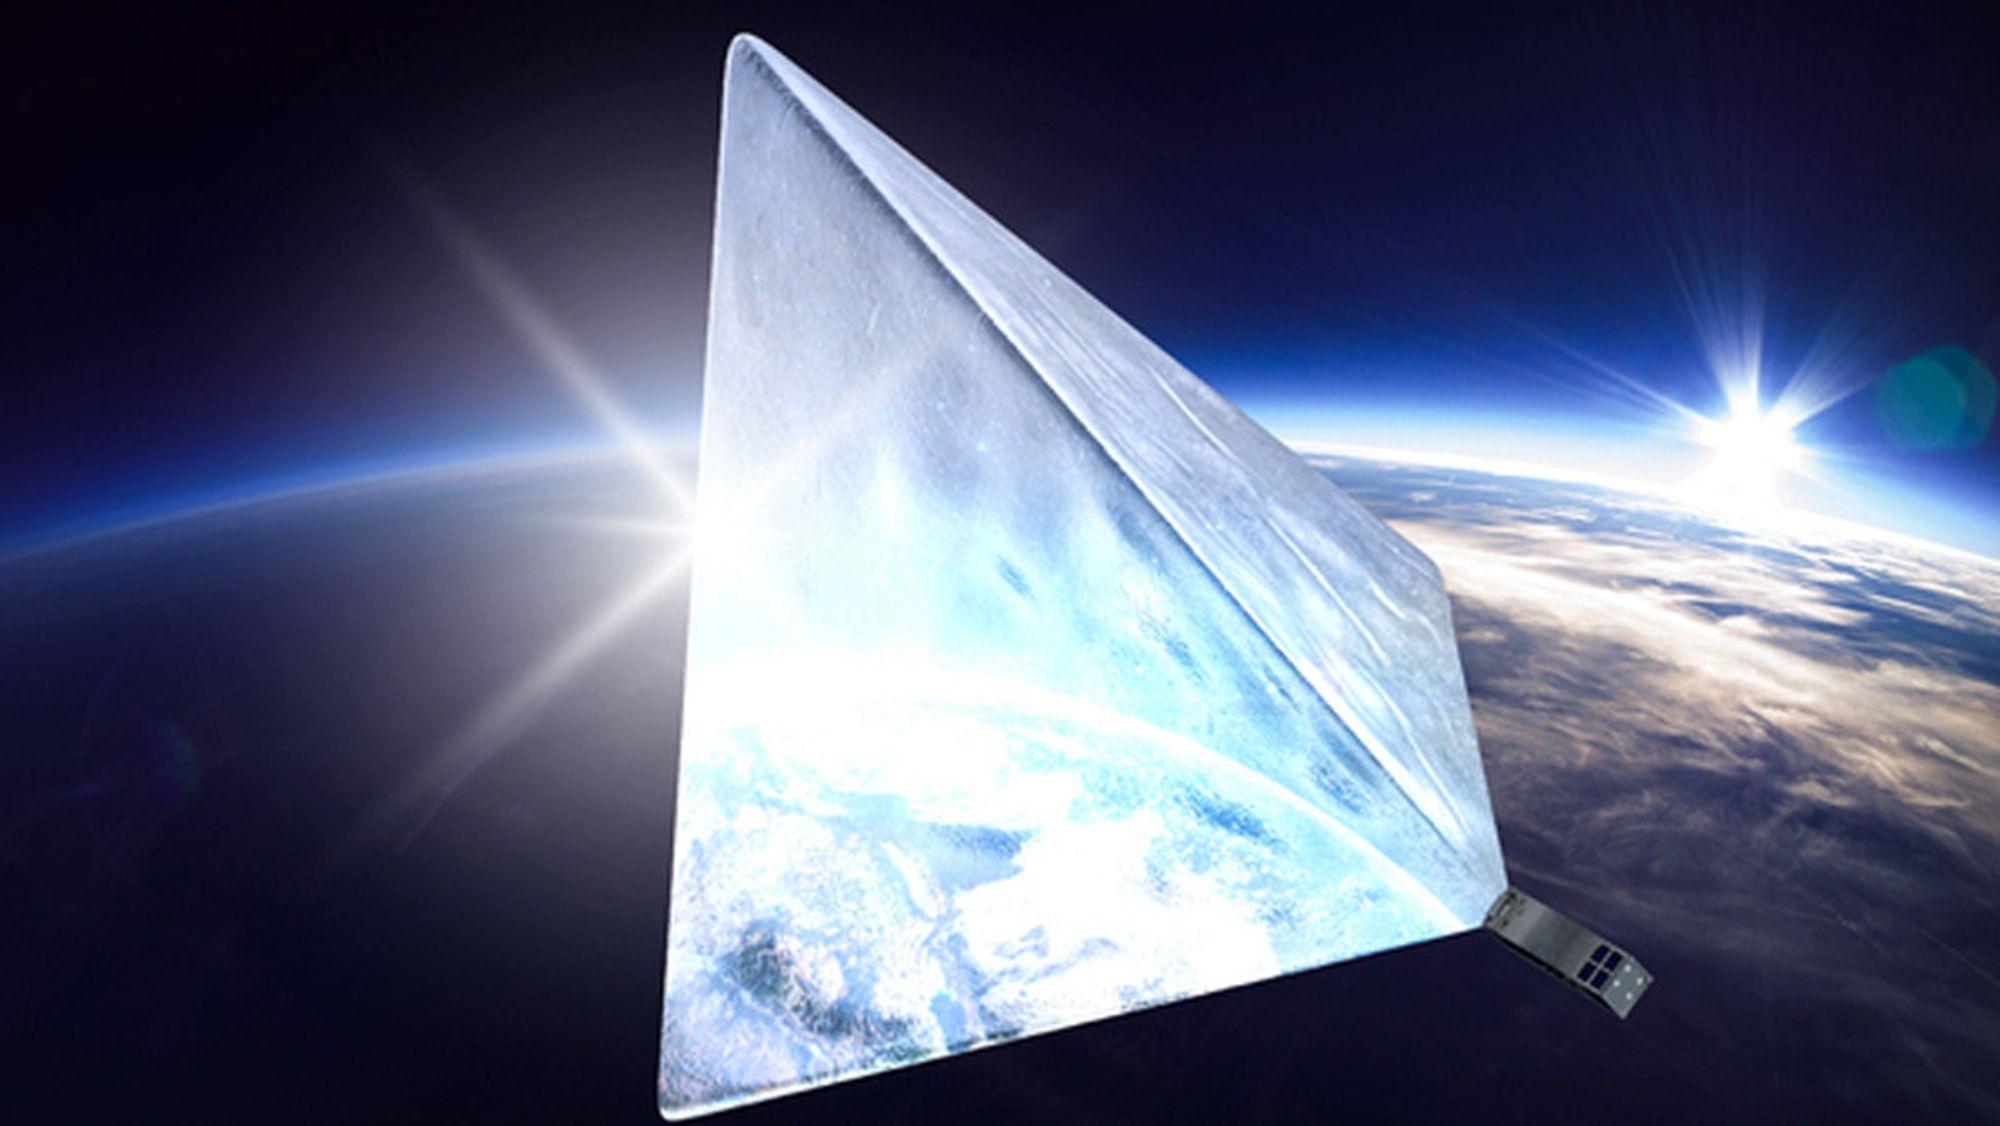 Slik vil den se ut, den russiske Mayak-satellitten som skal bli den lyseste stjernen på himmelen.